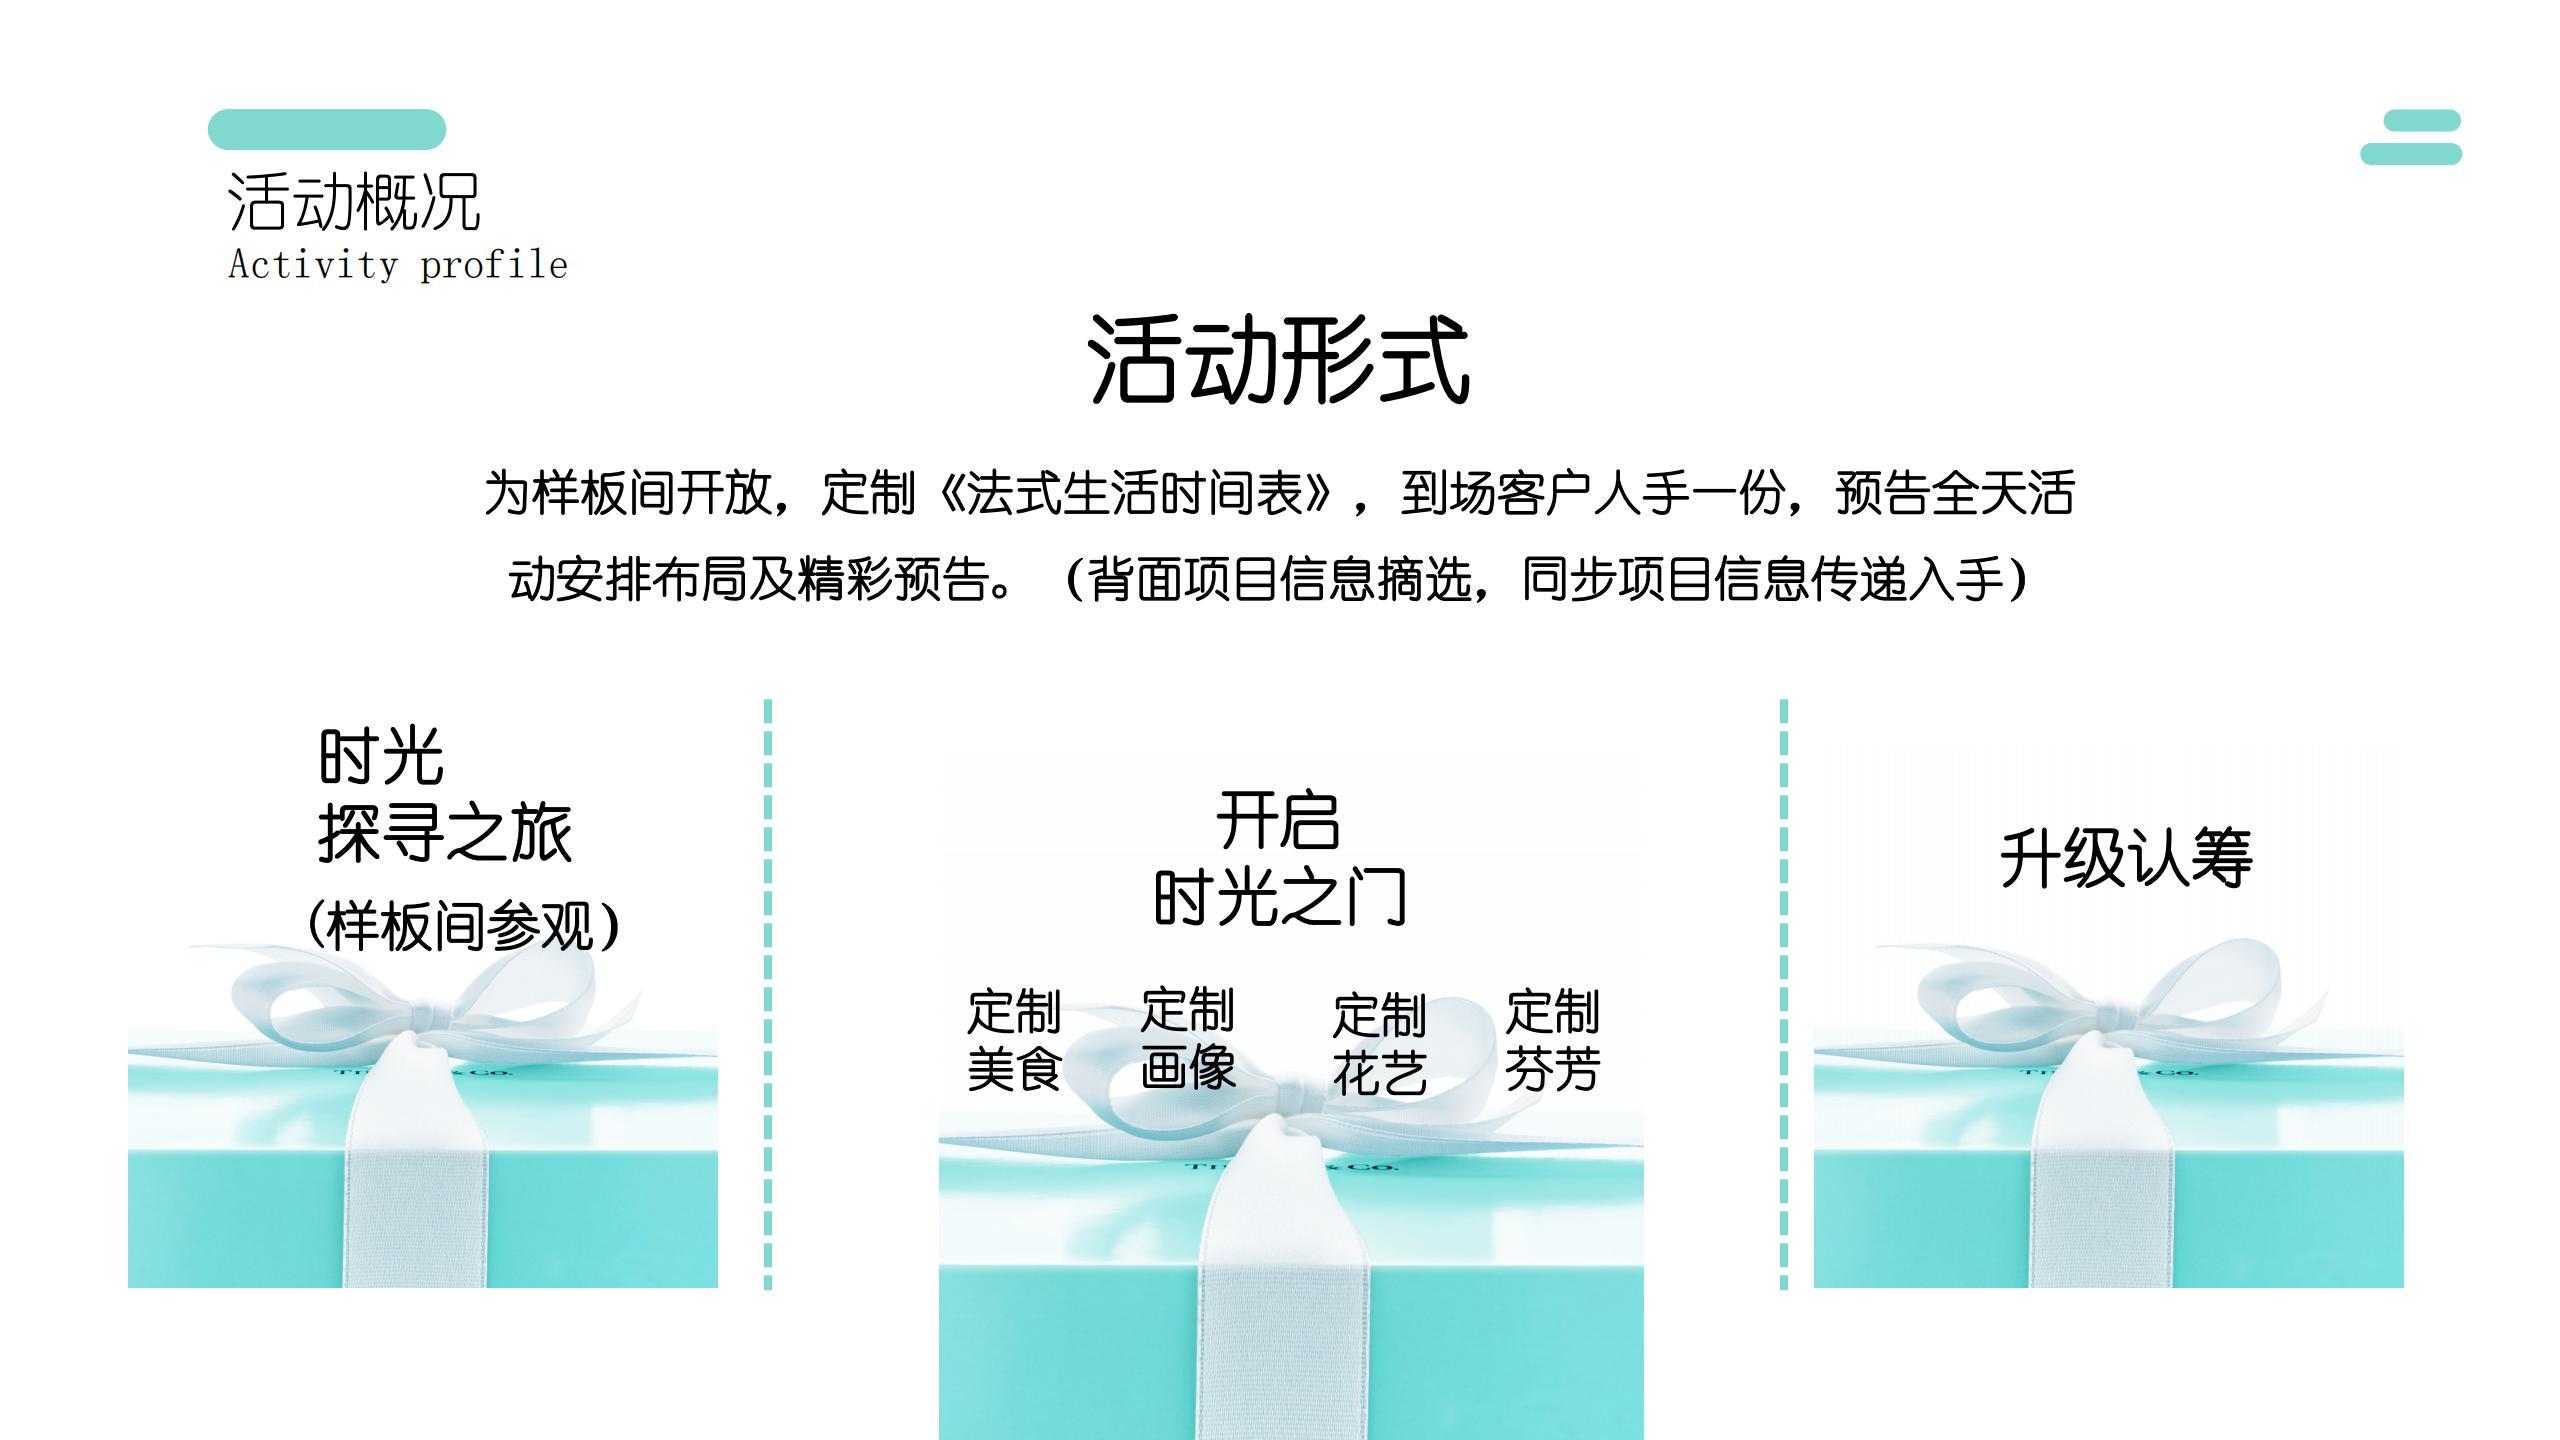 """2018亿博隆河谷""""璀璨时光鉴所未"""",样板间开放认筹活动方案"""